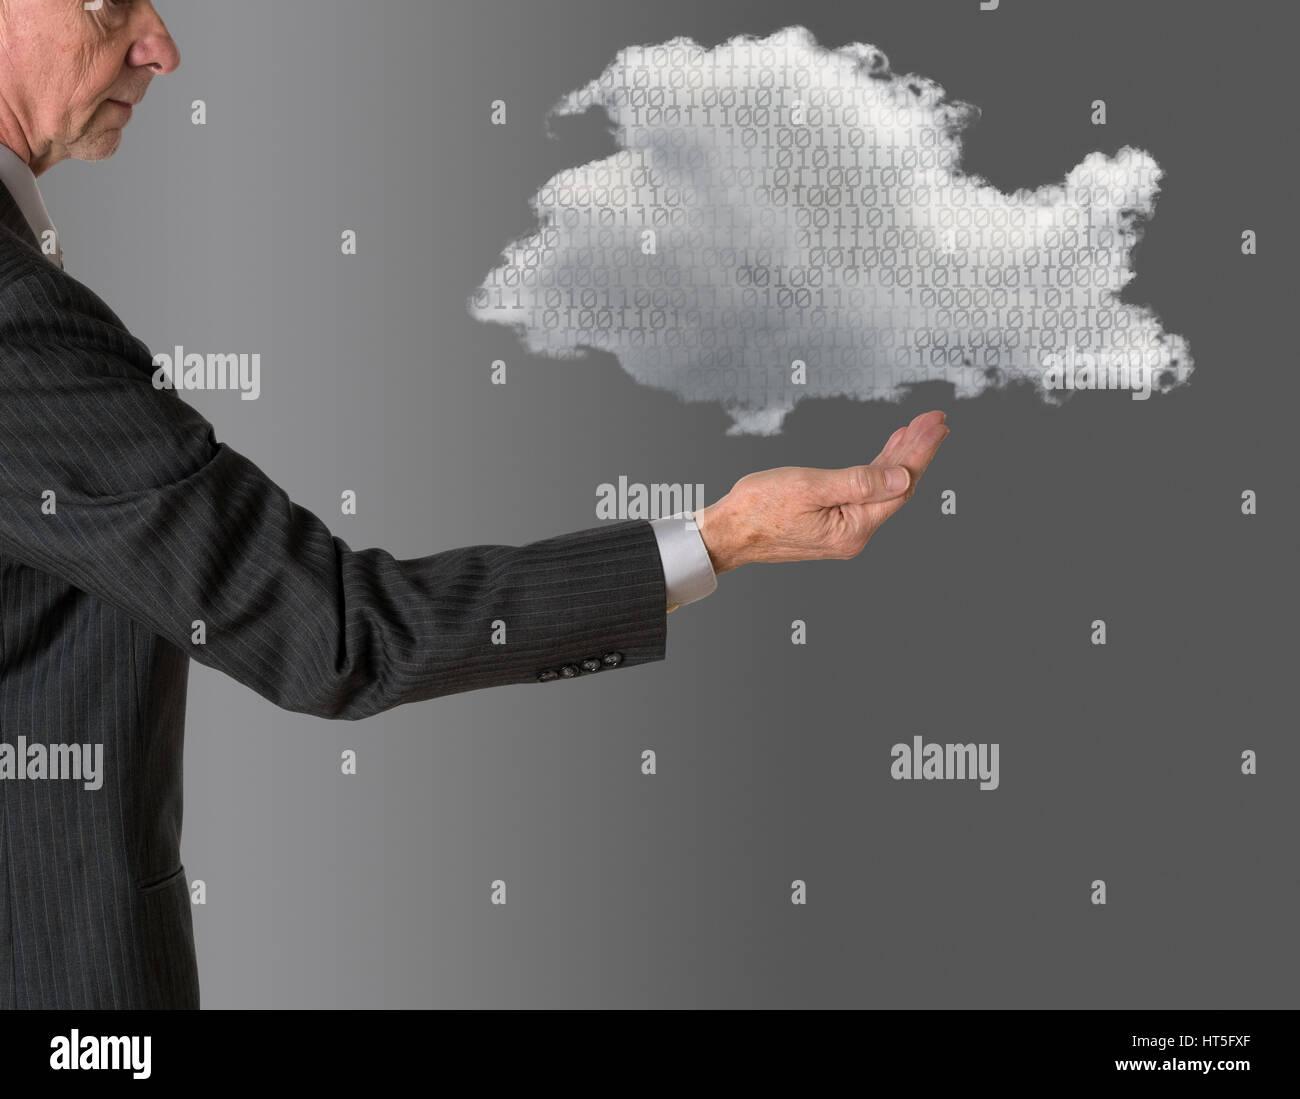 Homme Senior caucasian exécutif avec l'informatique en nuage flottant de forme. Connexion à des documents Photo Stock